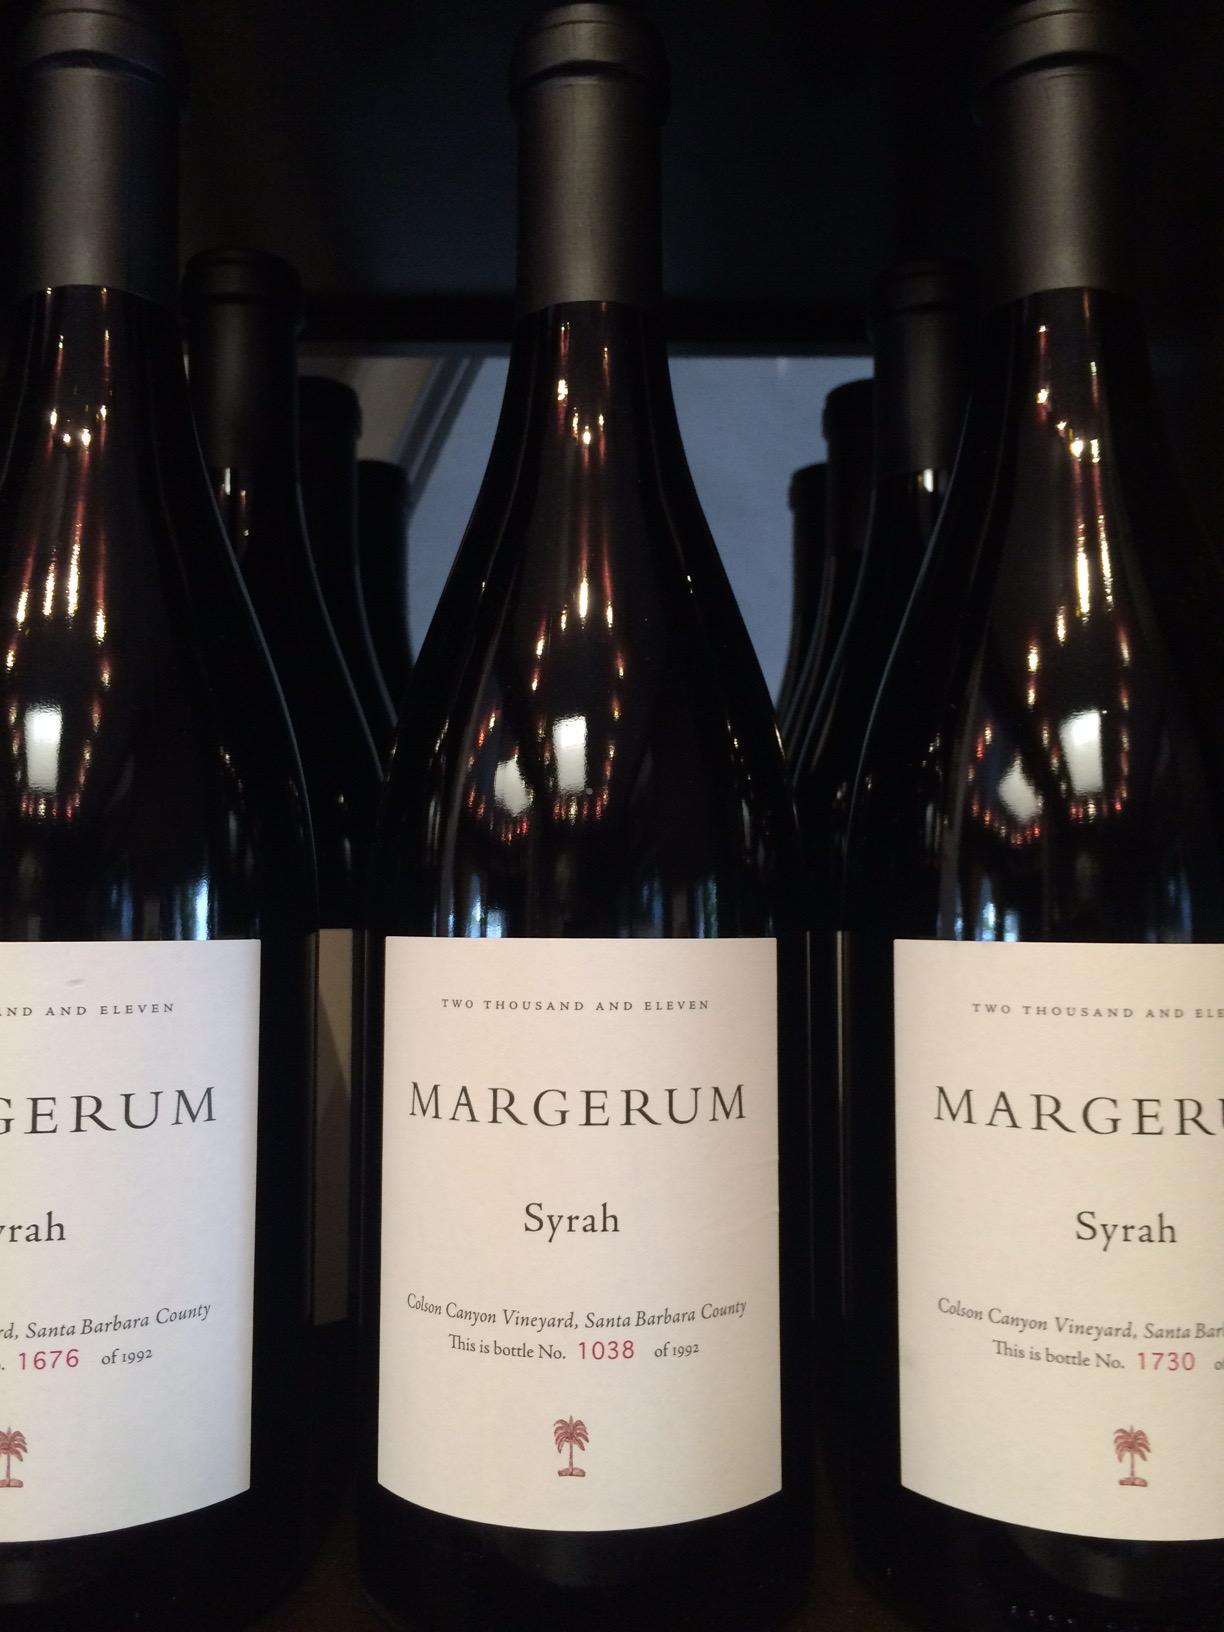 2011 Margerum Syrah, Colson Canyon Vineyard, Santa Barbara County